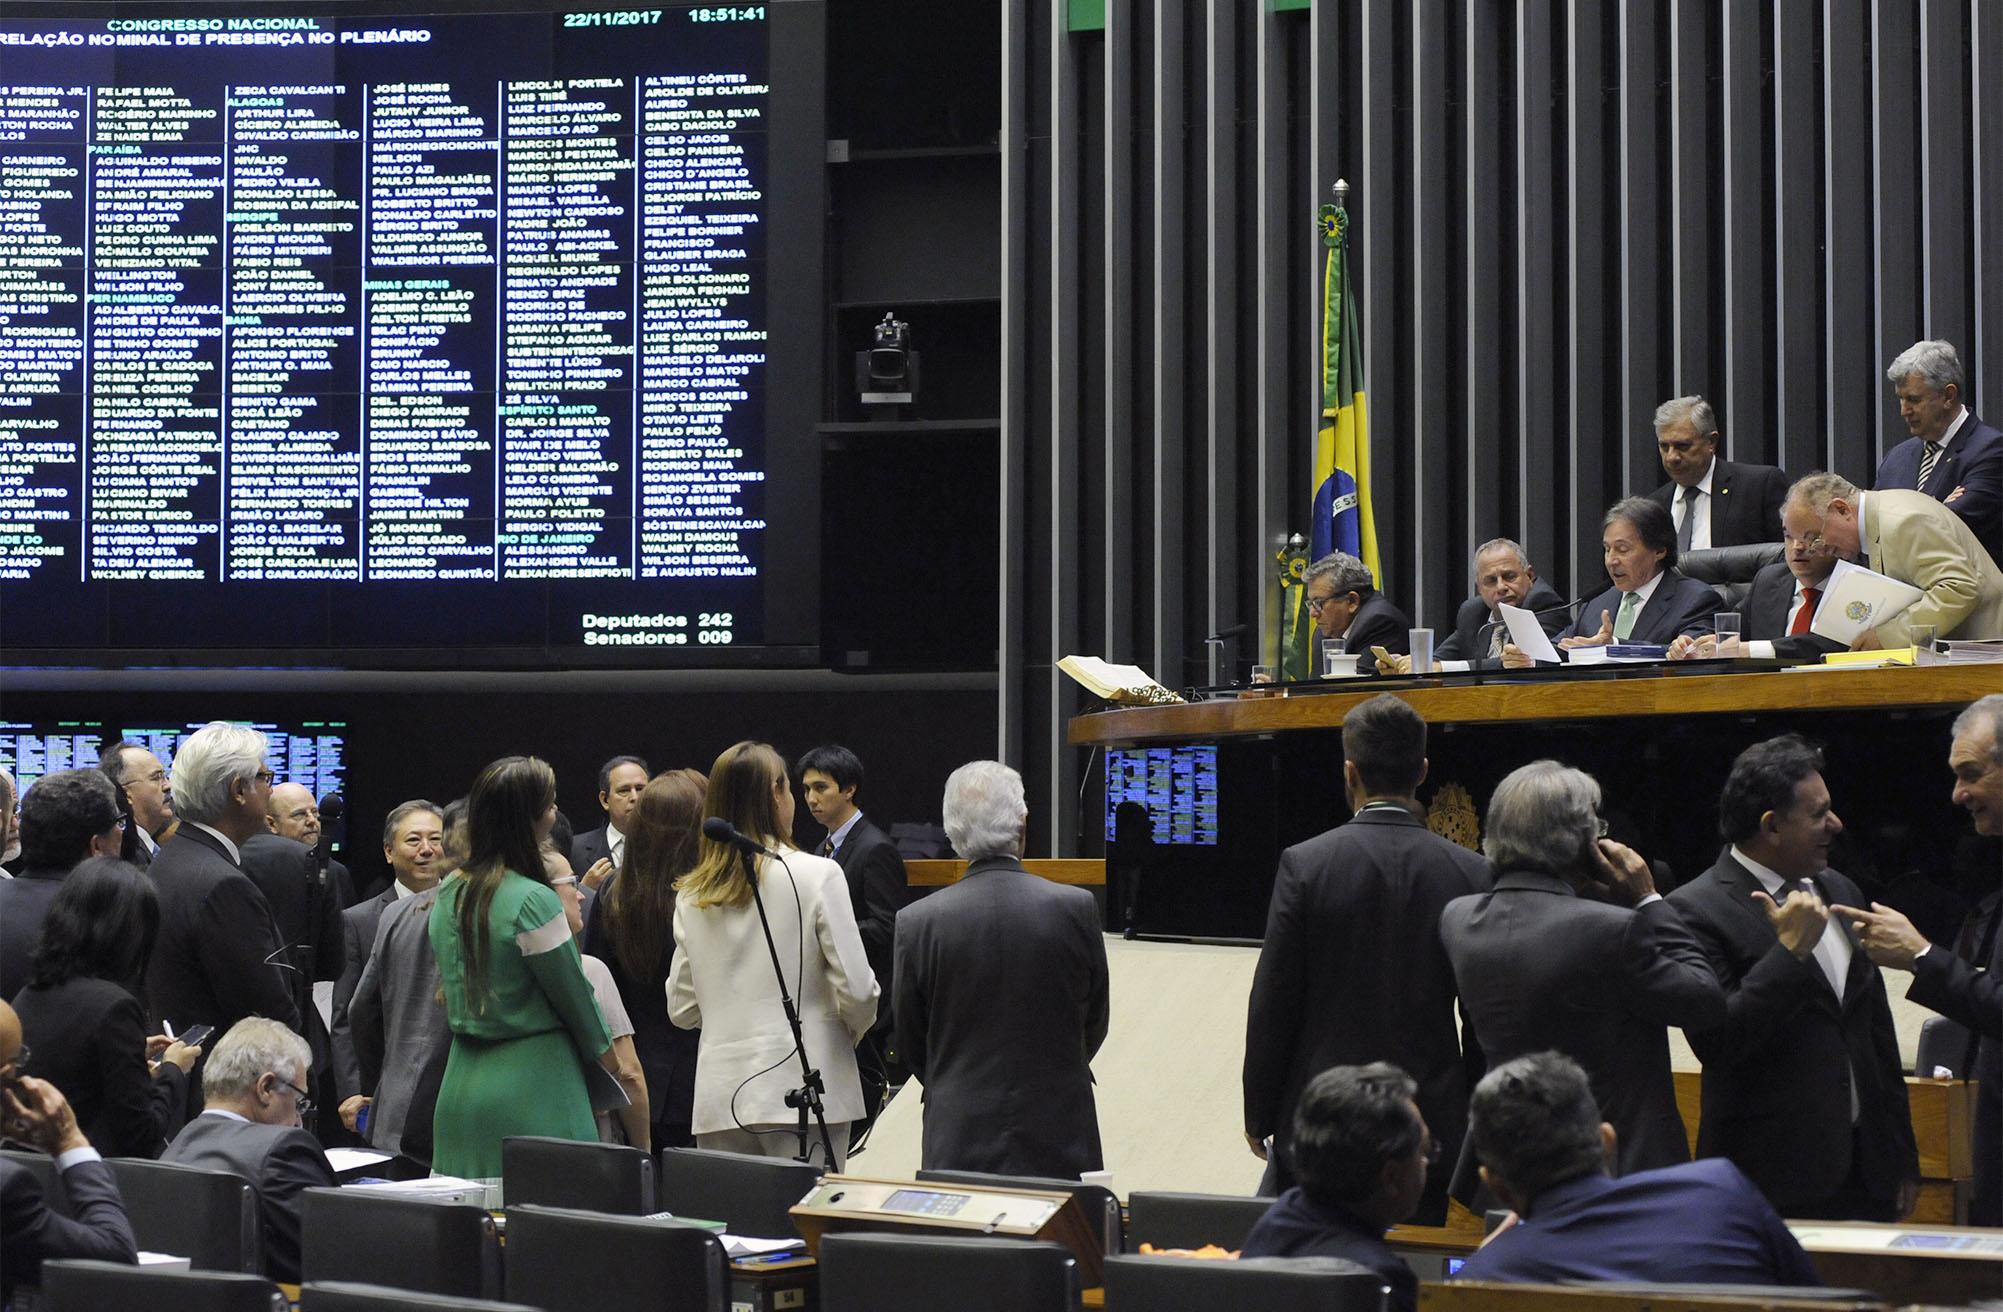 Destinada à deliberação dos Vetos destacados na sessão conjunta do Congresso Nacional realizada em 8 de novembro de 2017 e dos Projetos de Lei do Congresso nºs 13, 15, 22 e 23 de 2017